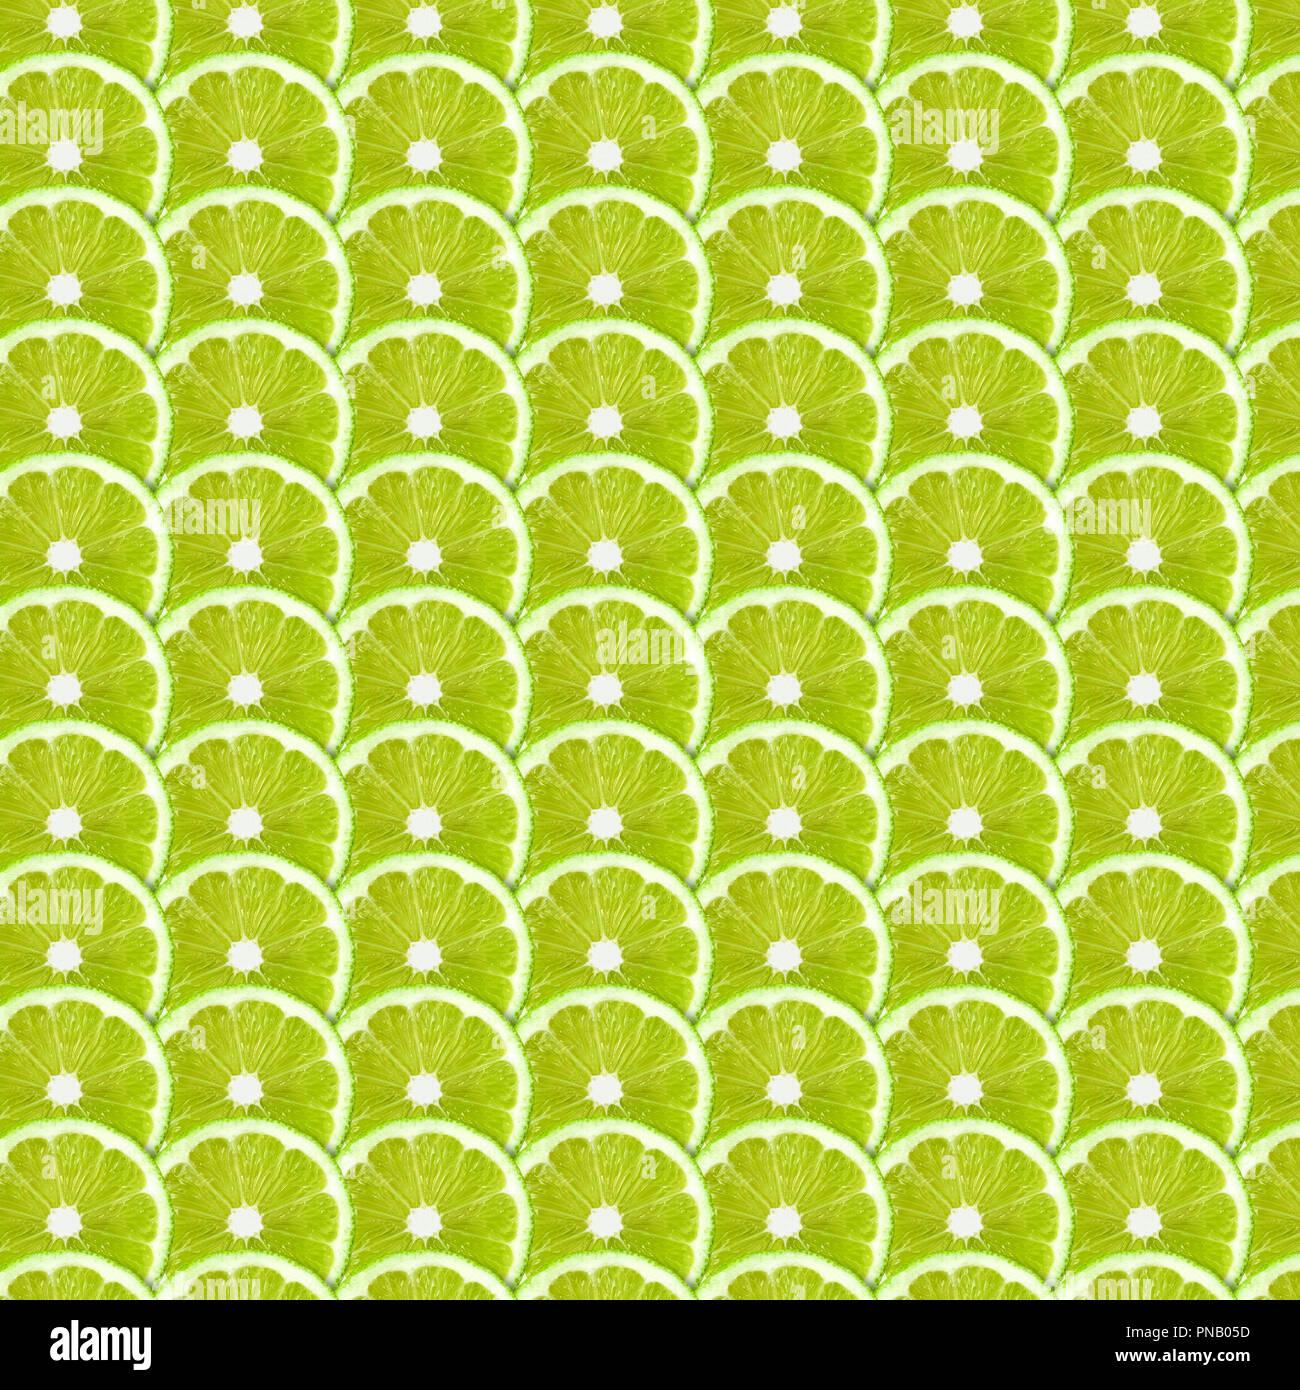 Rodajas de limón verde de fondo de la trama. Natural de fotograma completo simétrico de textura de alimentos Imagen De Stock